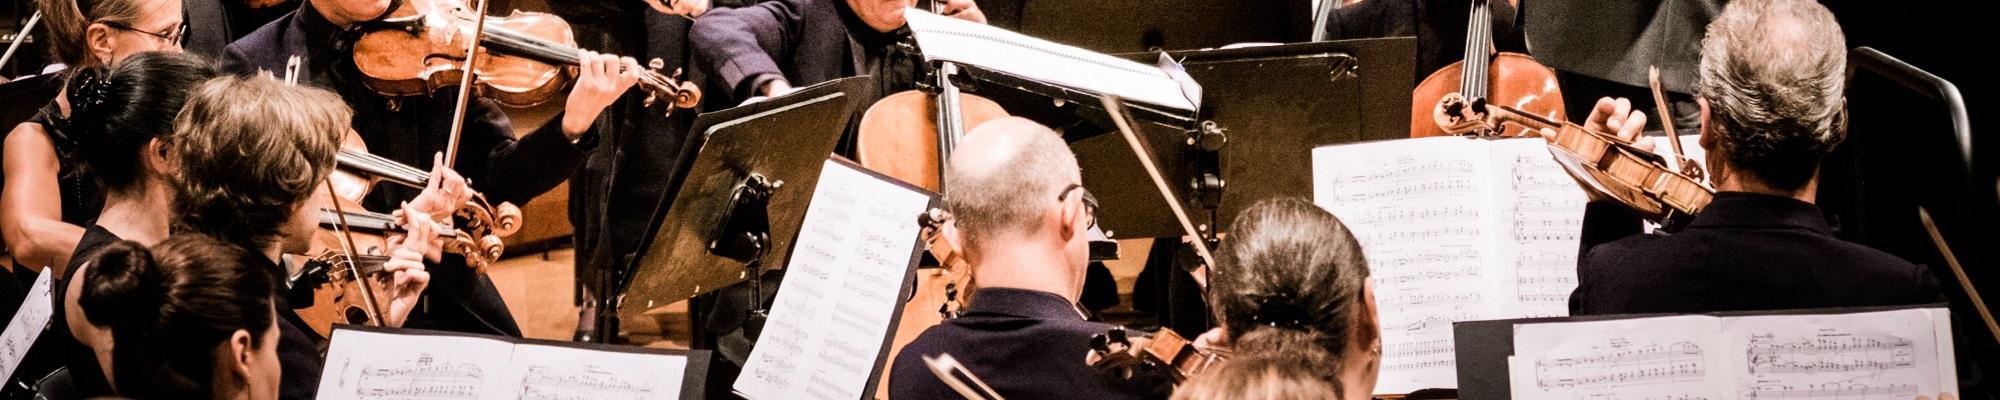 Brussel combi-concert Brussels Philharmonic UiTinBrussel wandeling diner concert inschrijven